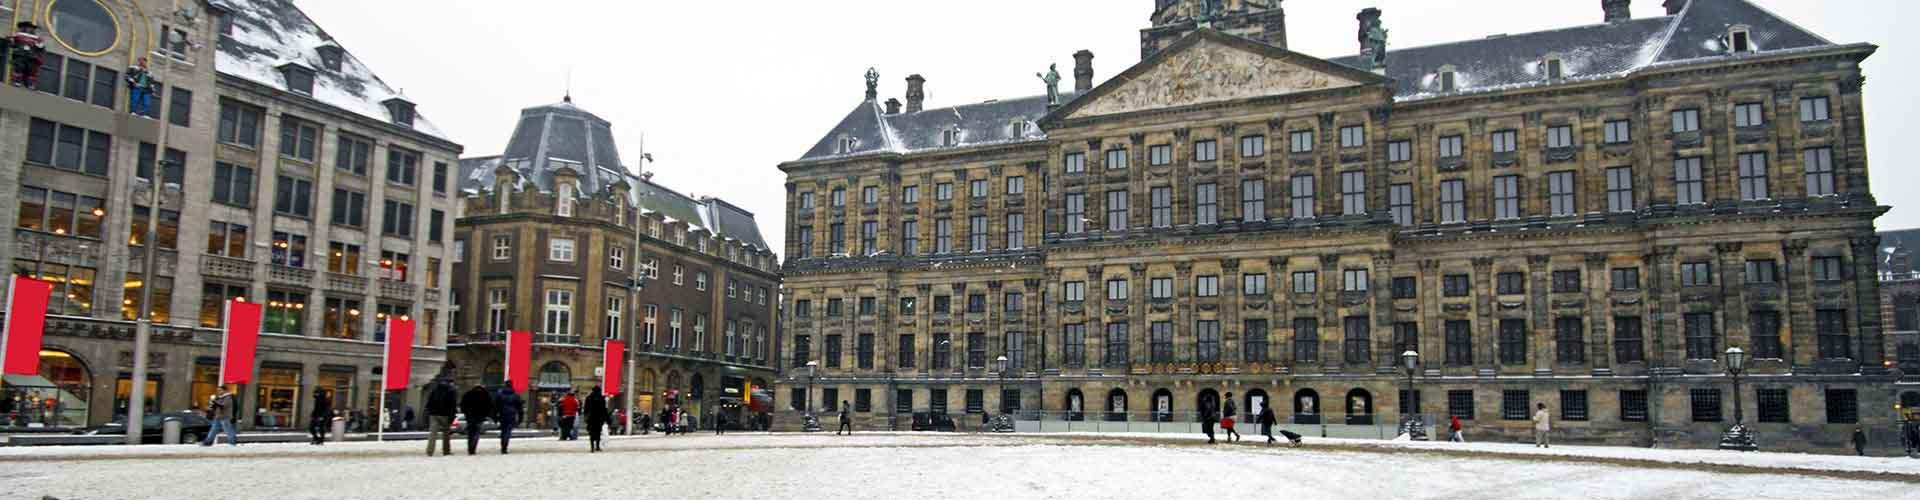 Amsterdam – Hostellit lähellä Kuninkaallinen palatsi. Amsterdam -karttoja, valokuvia ja arvosteluja kaikista Amsterdam -hostelleista.